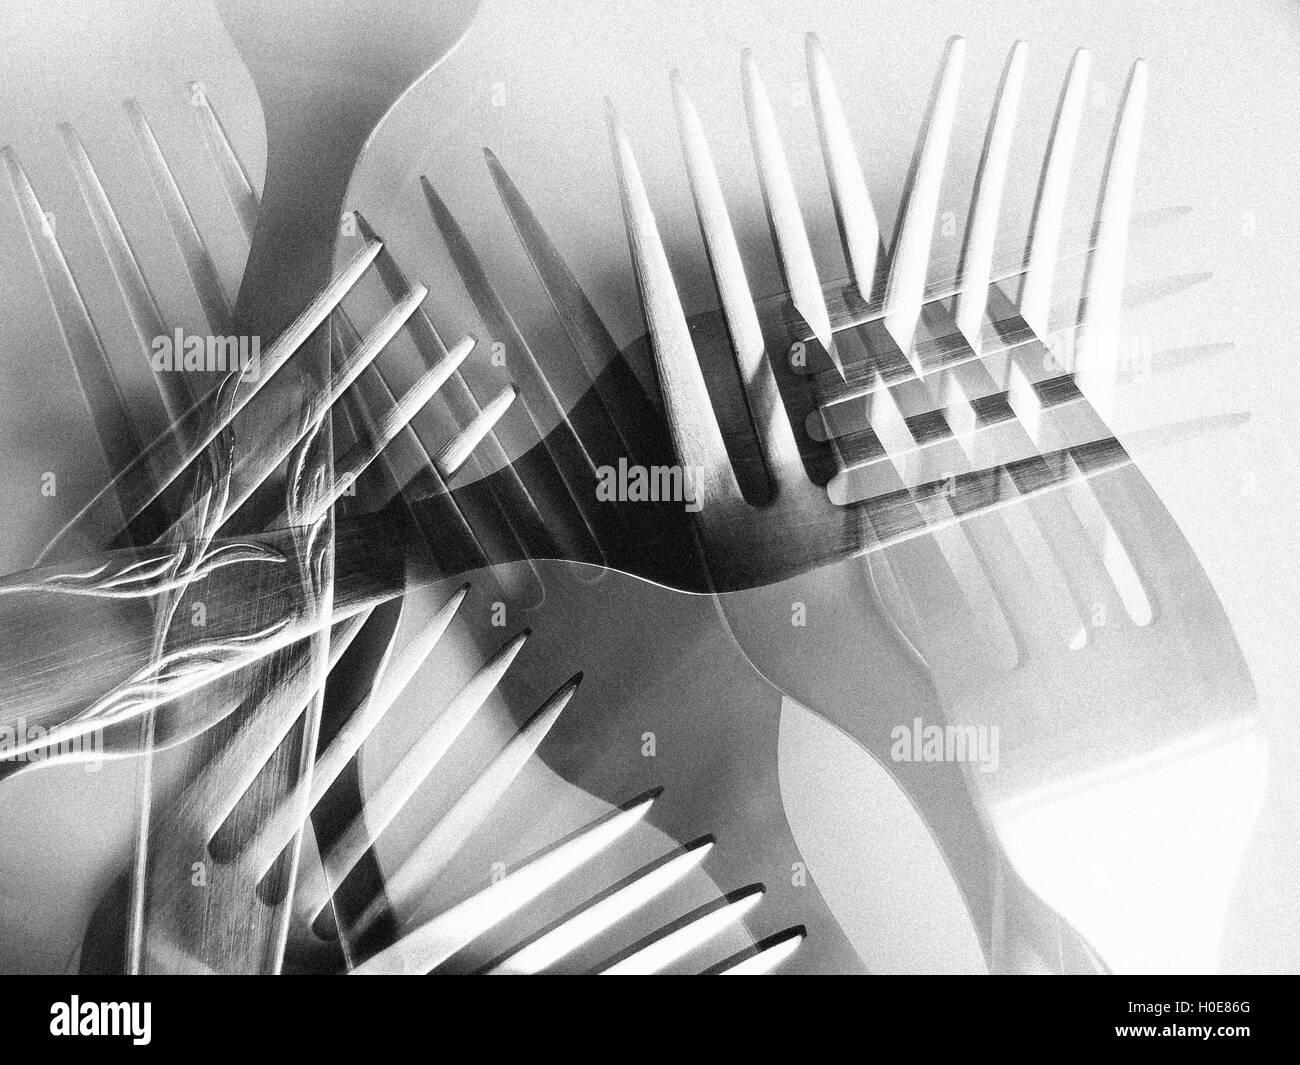 Doppelbelichtung im gleichen Rahmen verschiedene Gabeln Stockfoto ...